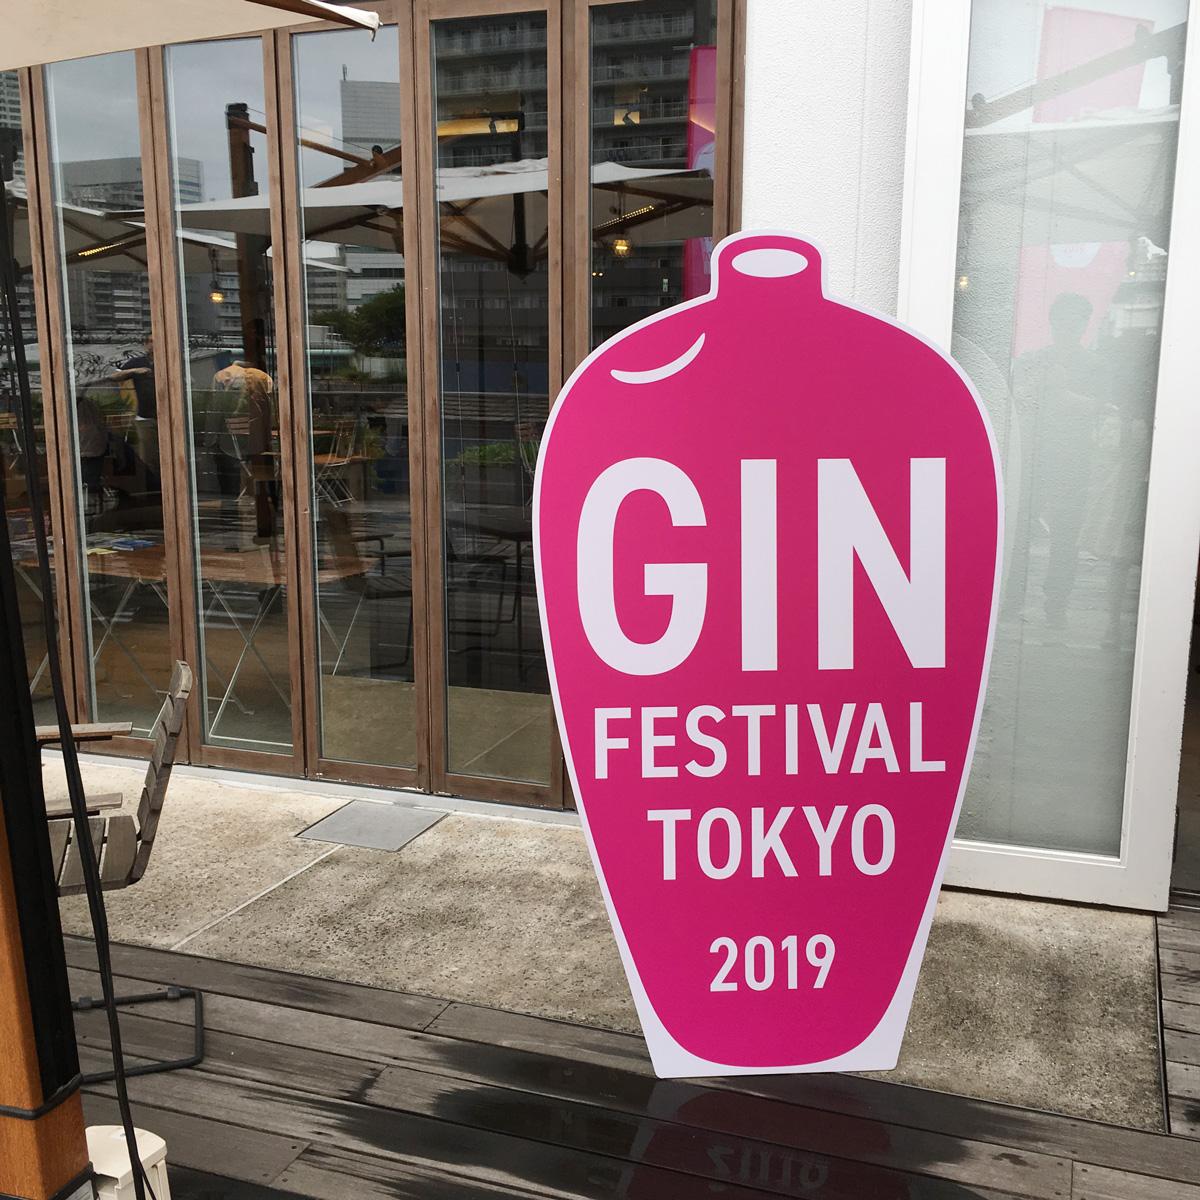 こんなにジンの種類ってあるんだなあ。天王洲アイルで開催した「GIN FESTIVAL TOKYO 2019」に行ってきた